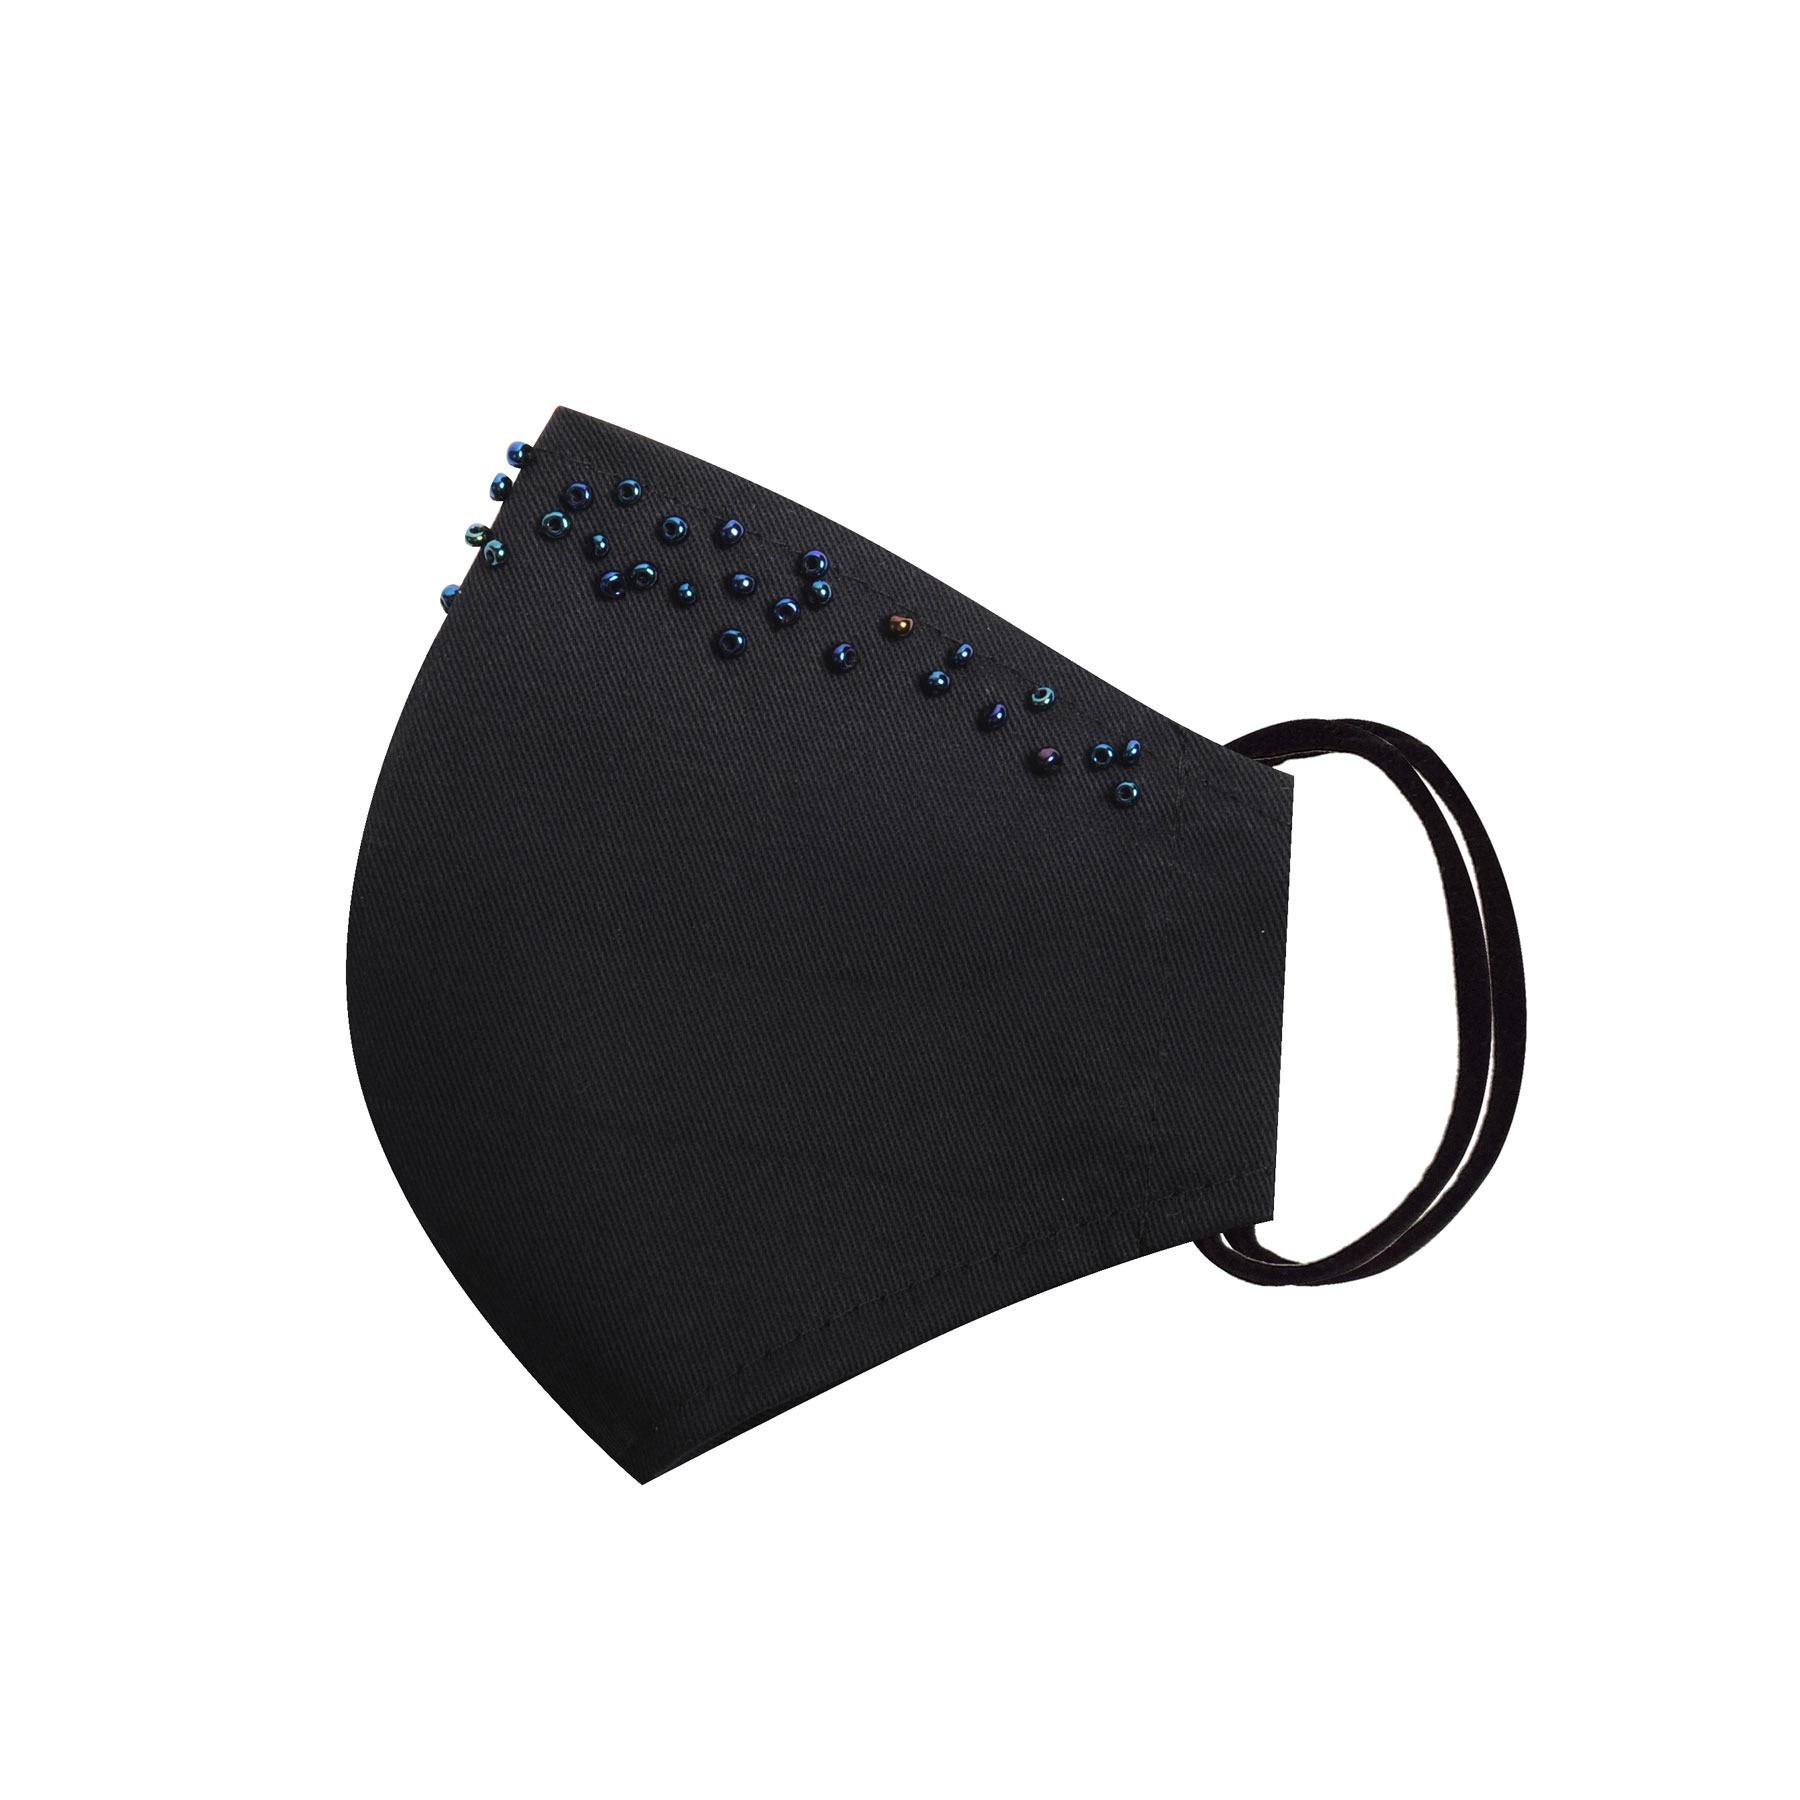 Módní bavlněné ústní roušky tvarované černé s korálky, třívrstvé s filtrem a s gumičkami dámské